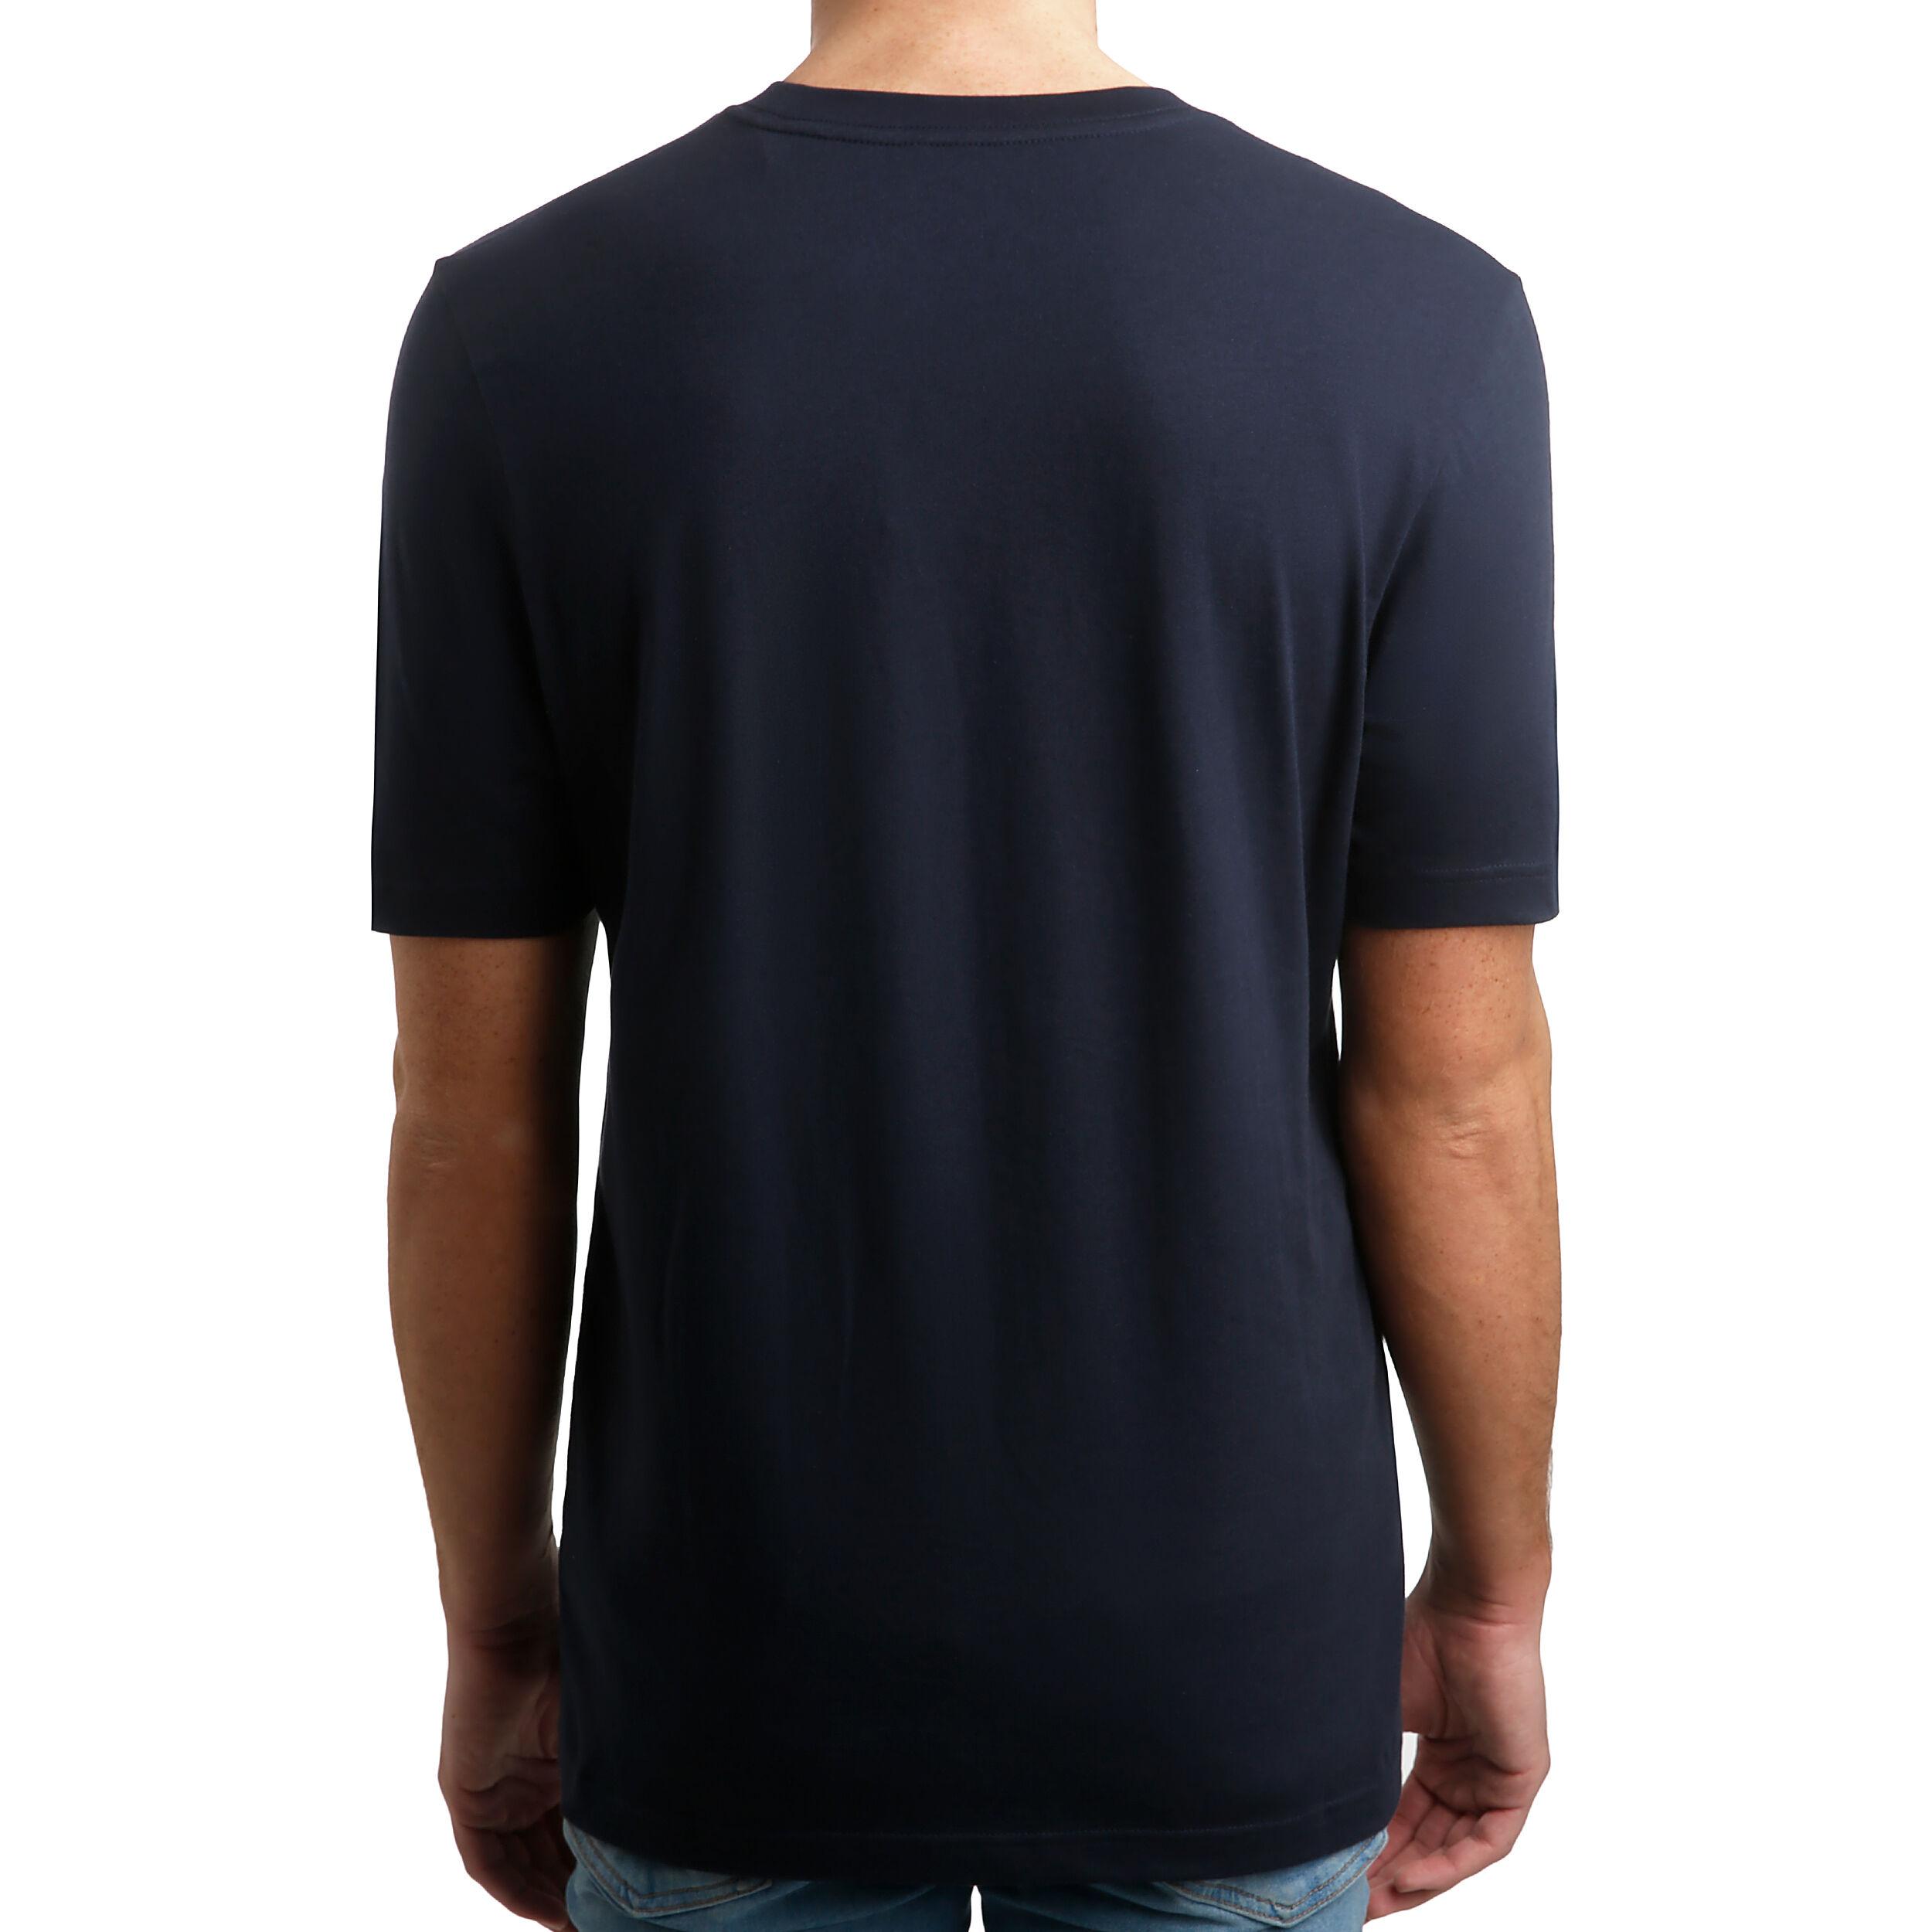 T shirt Adidas Essentials Plain Tee (Dunkelblau) • Preis 25